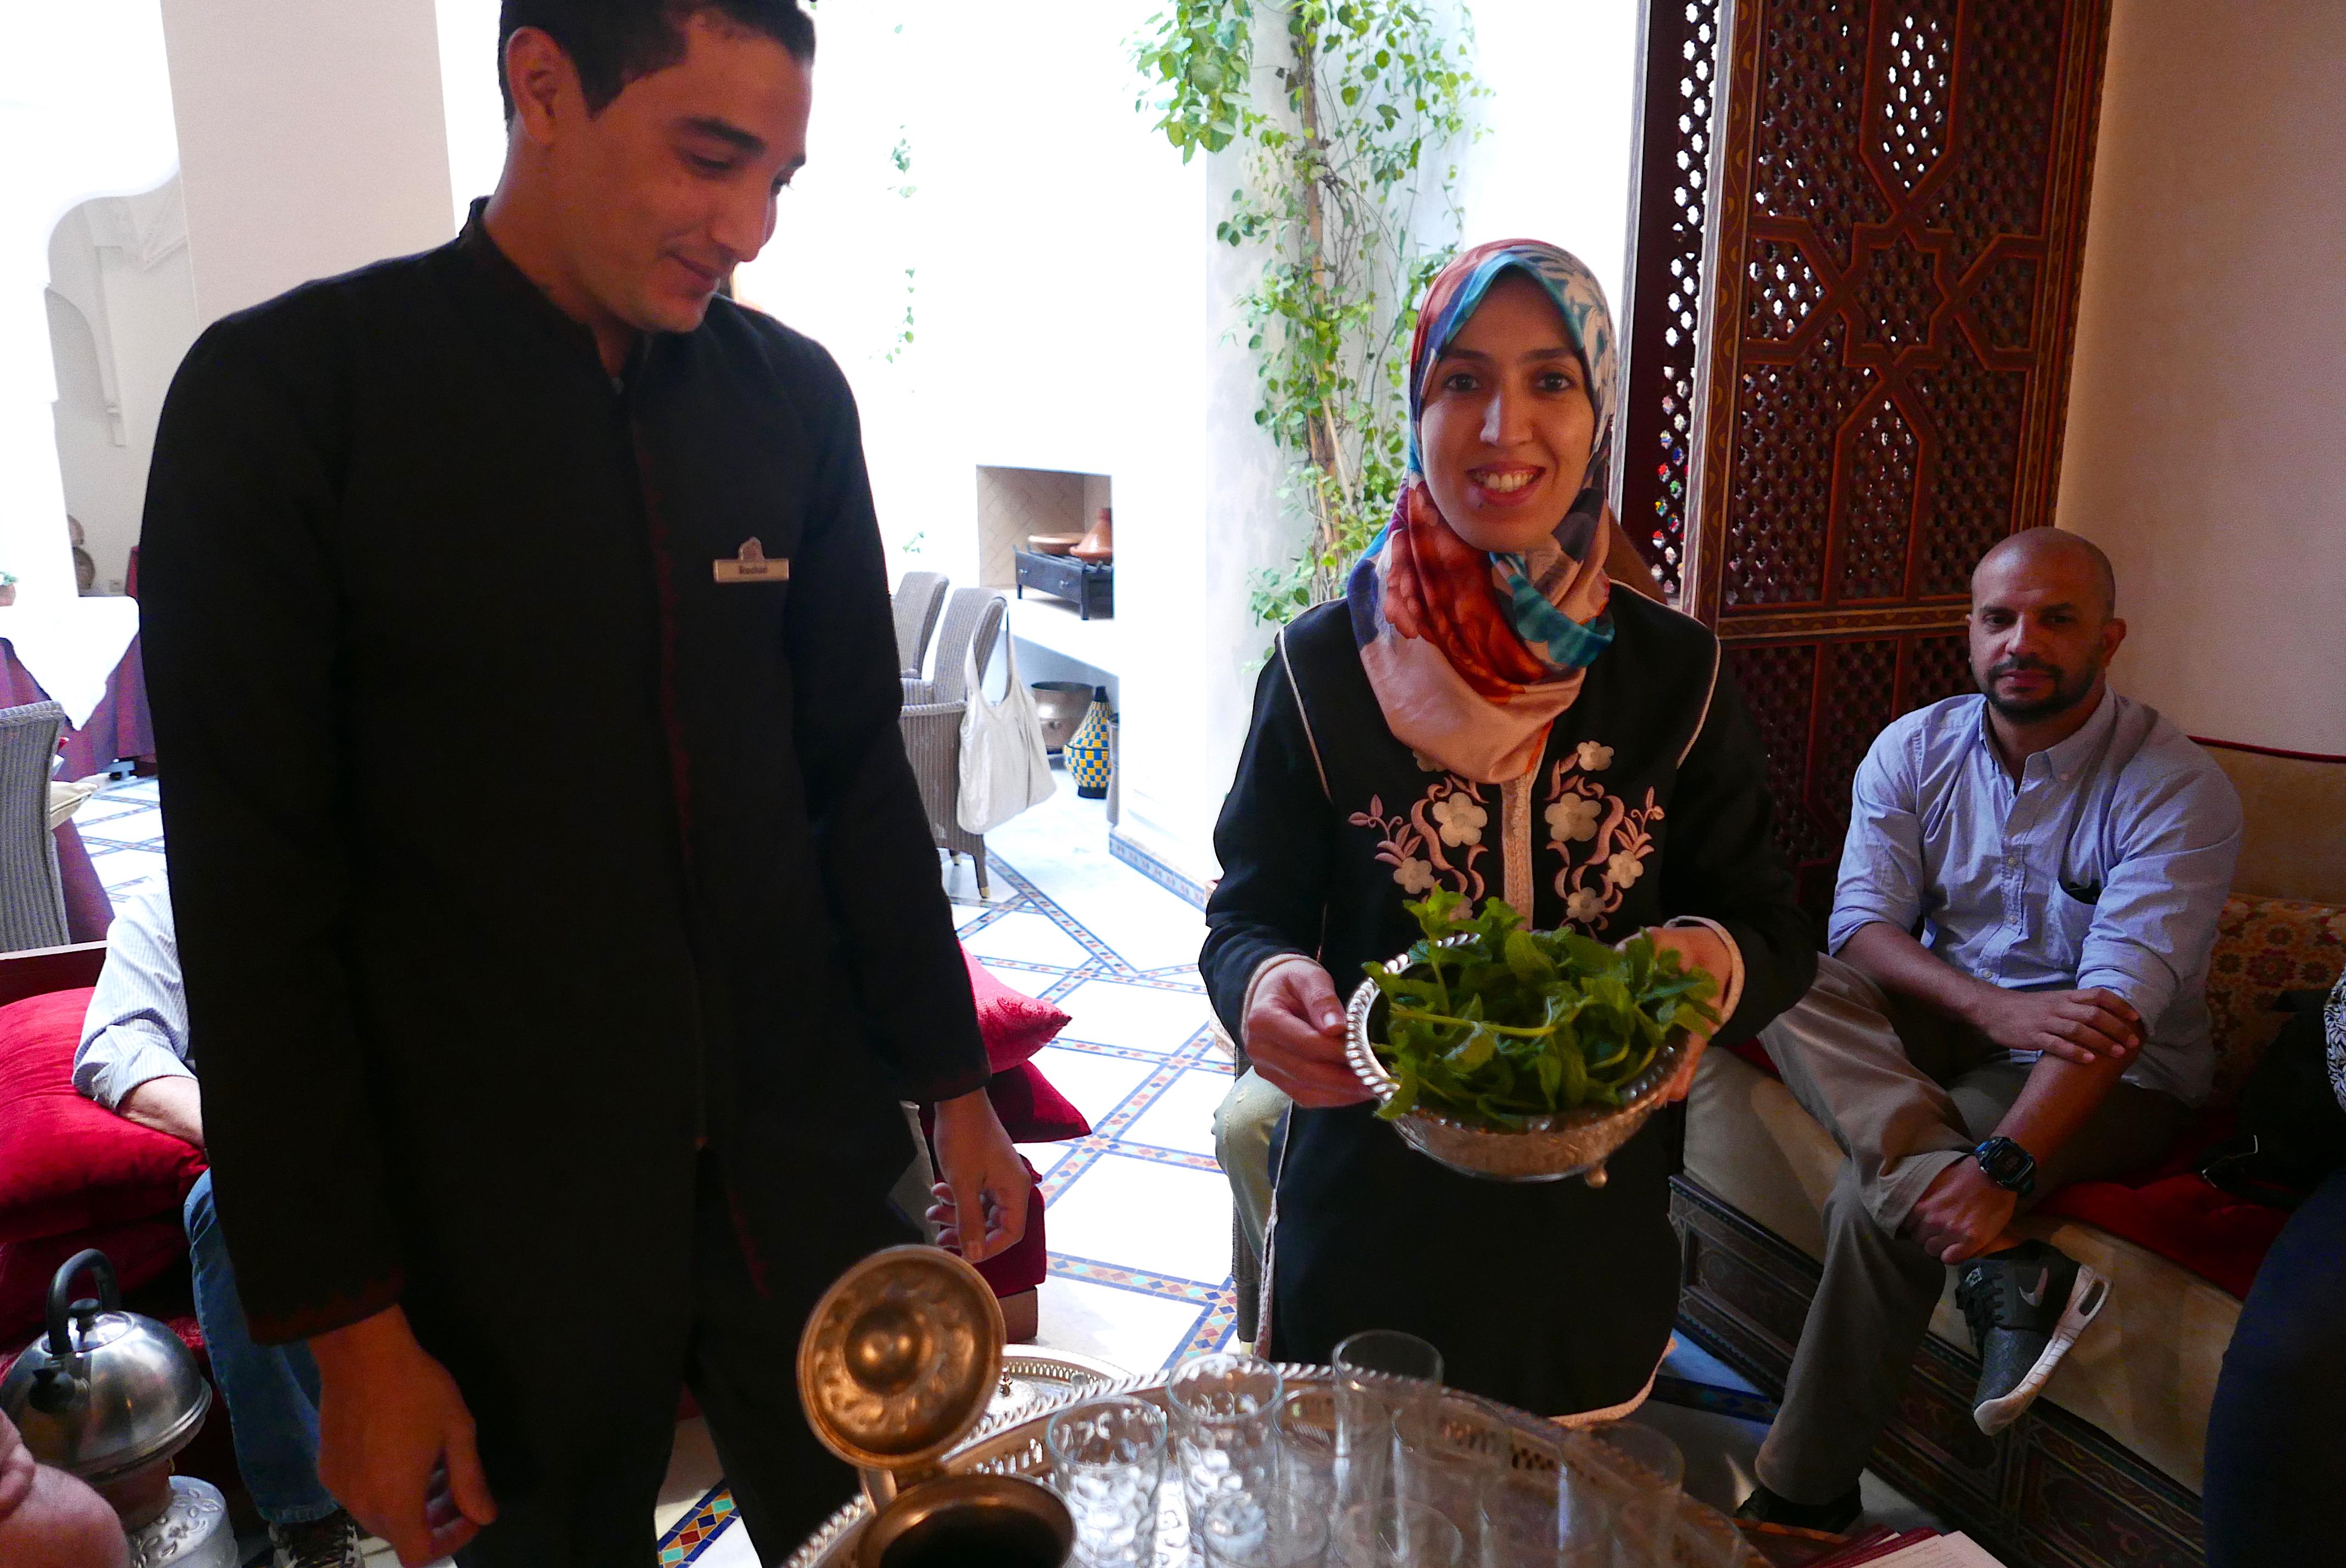 Em uma mesa marroquina não pode faltar o chá de menta, e os participantes do curso aprendem o modo de preparar a tradicional bebida